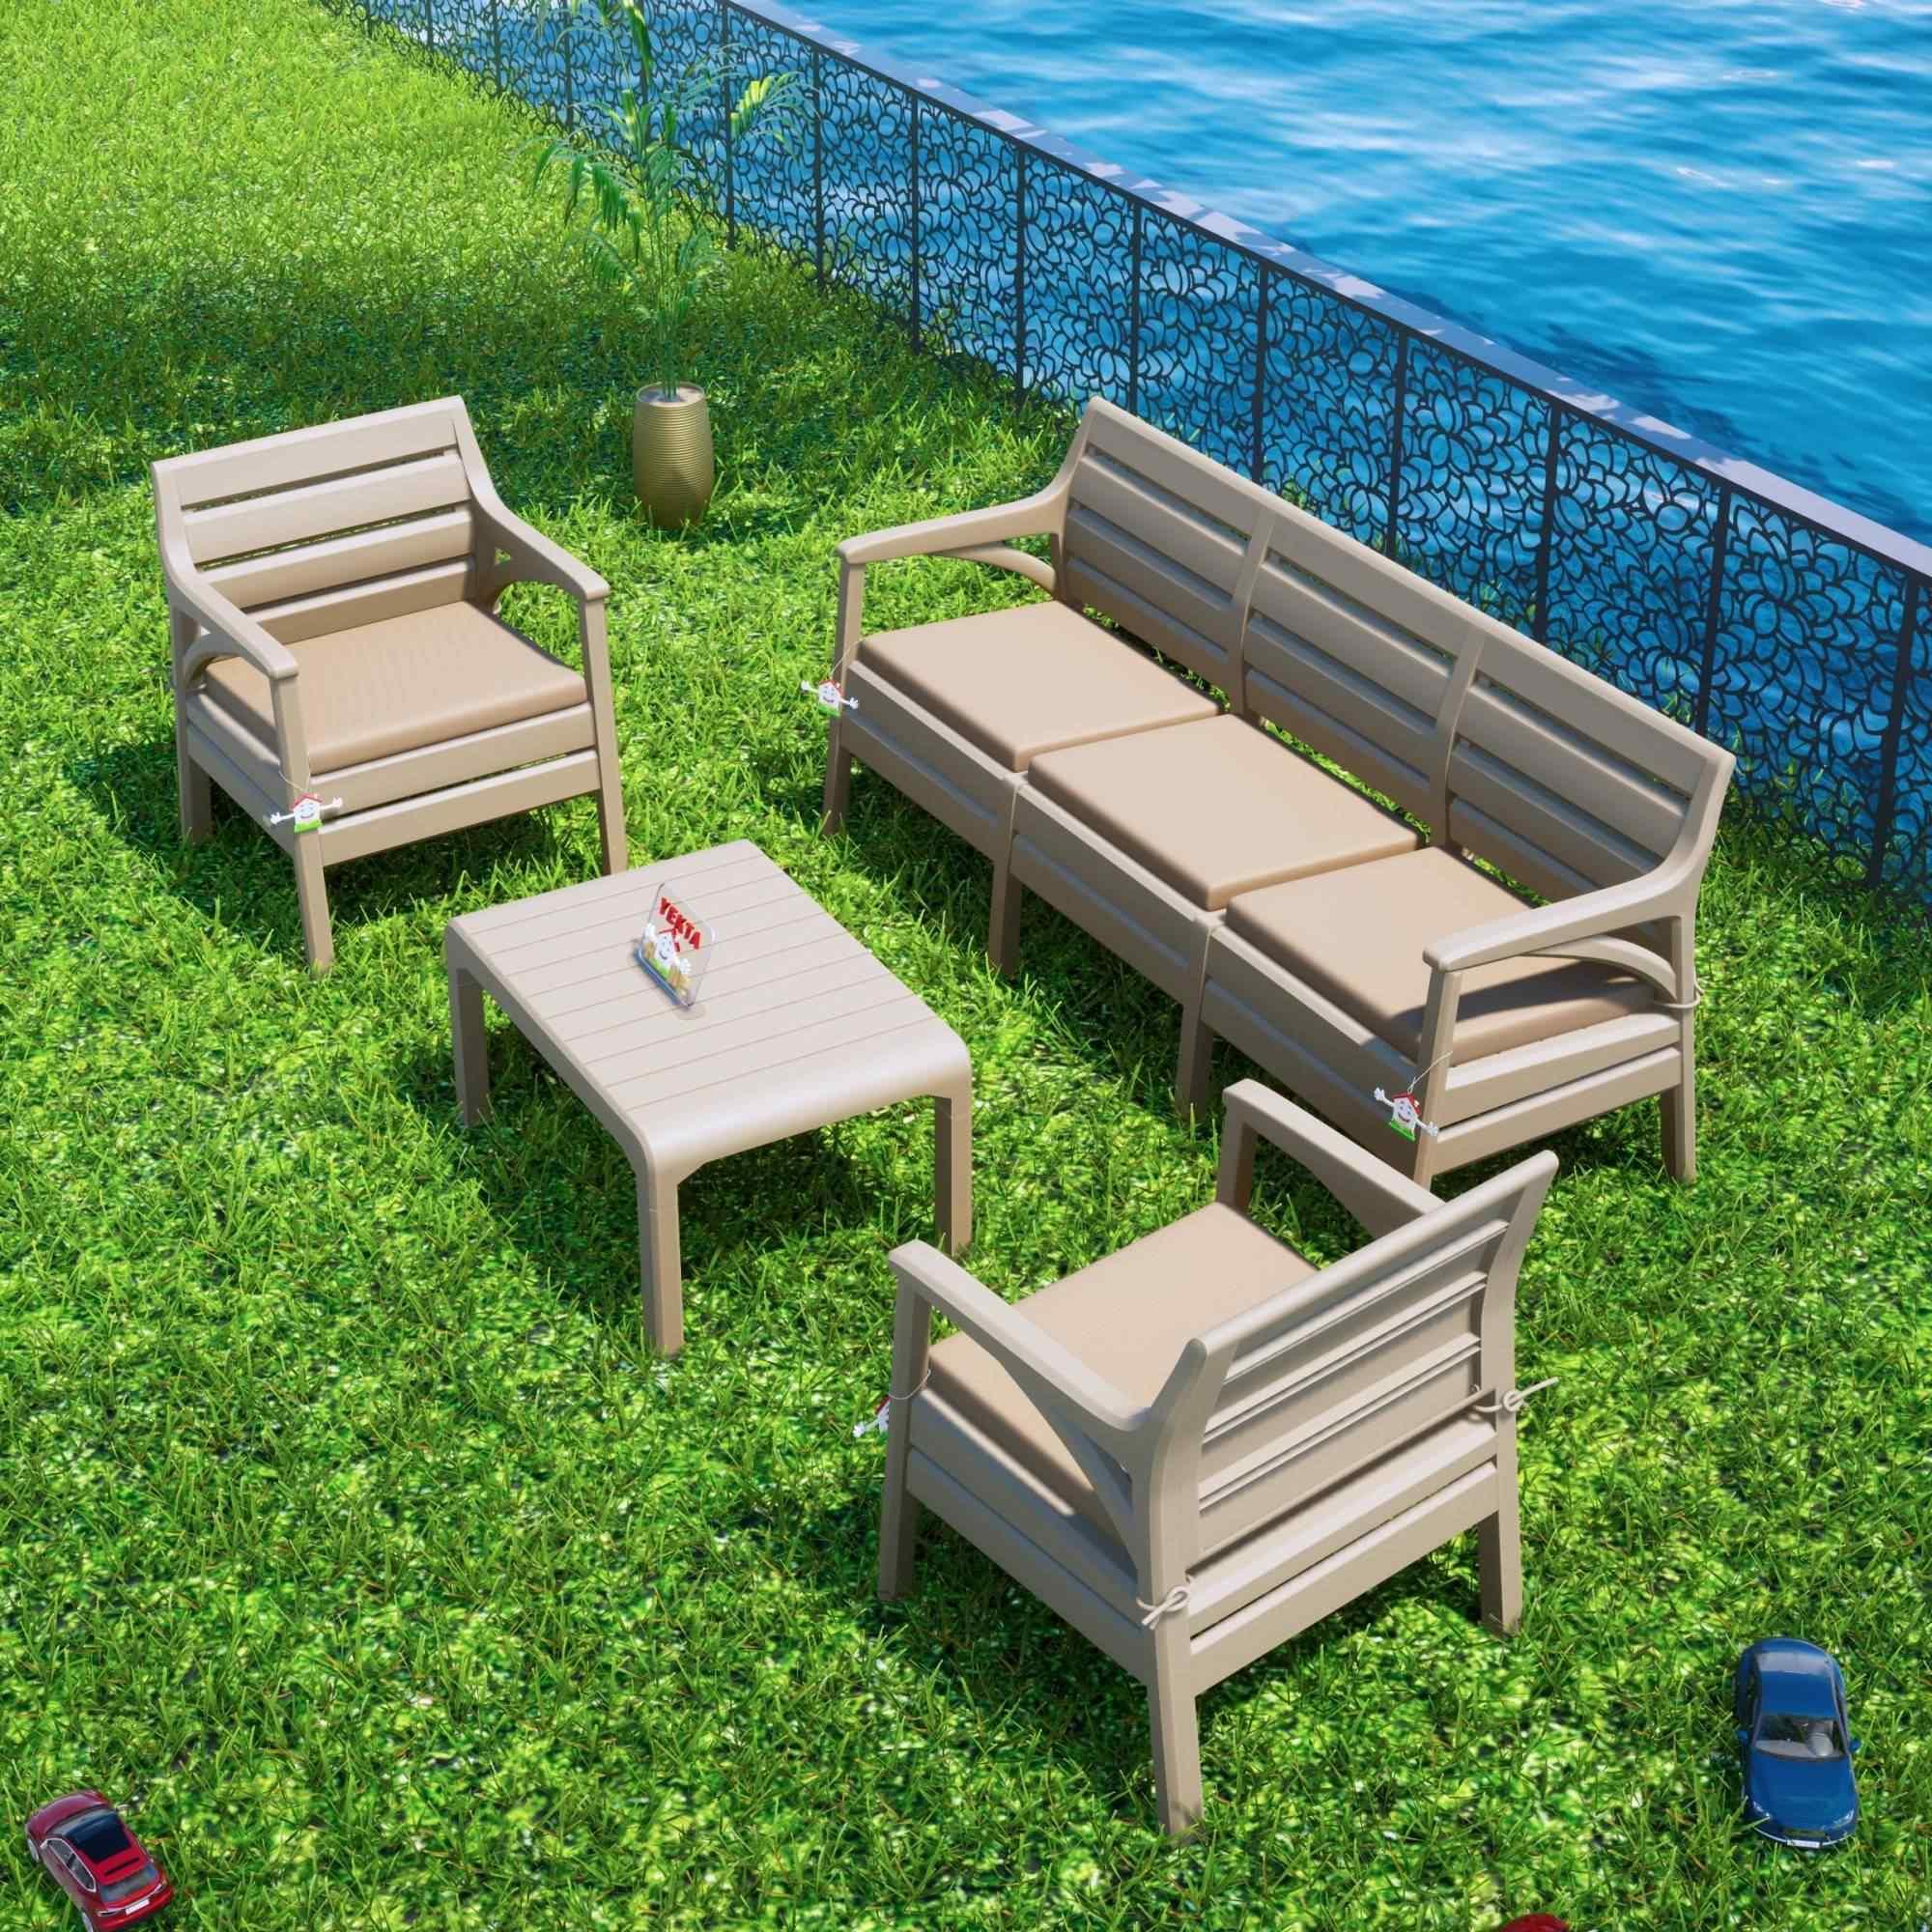 Holiday Hawaii Oturma Grubu Bahçe Ve Balkon Koltuk Takımı Cappucino